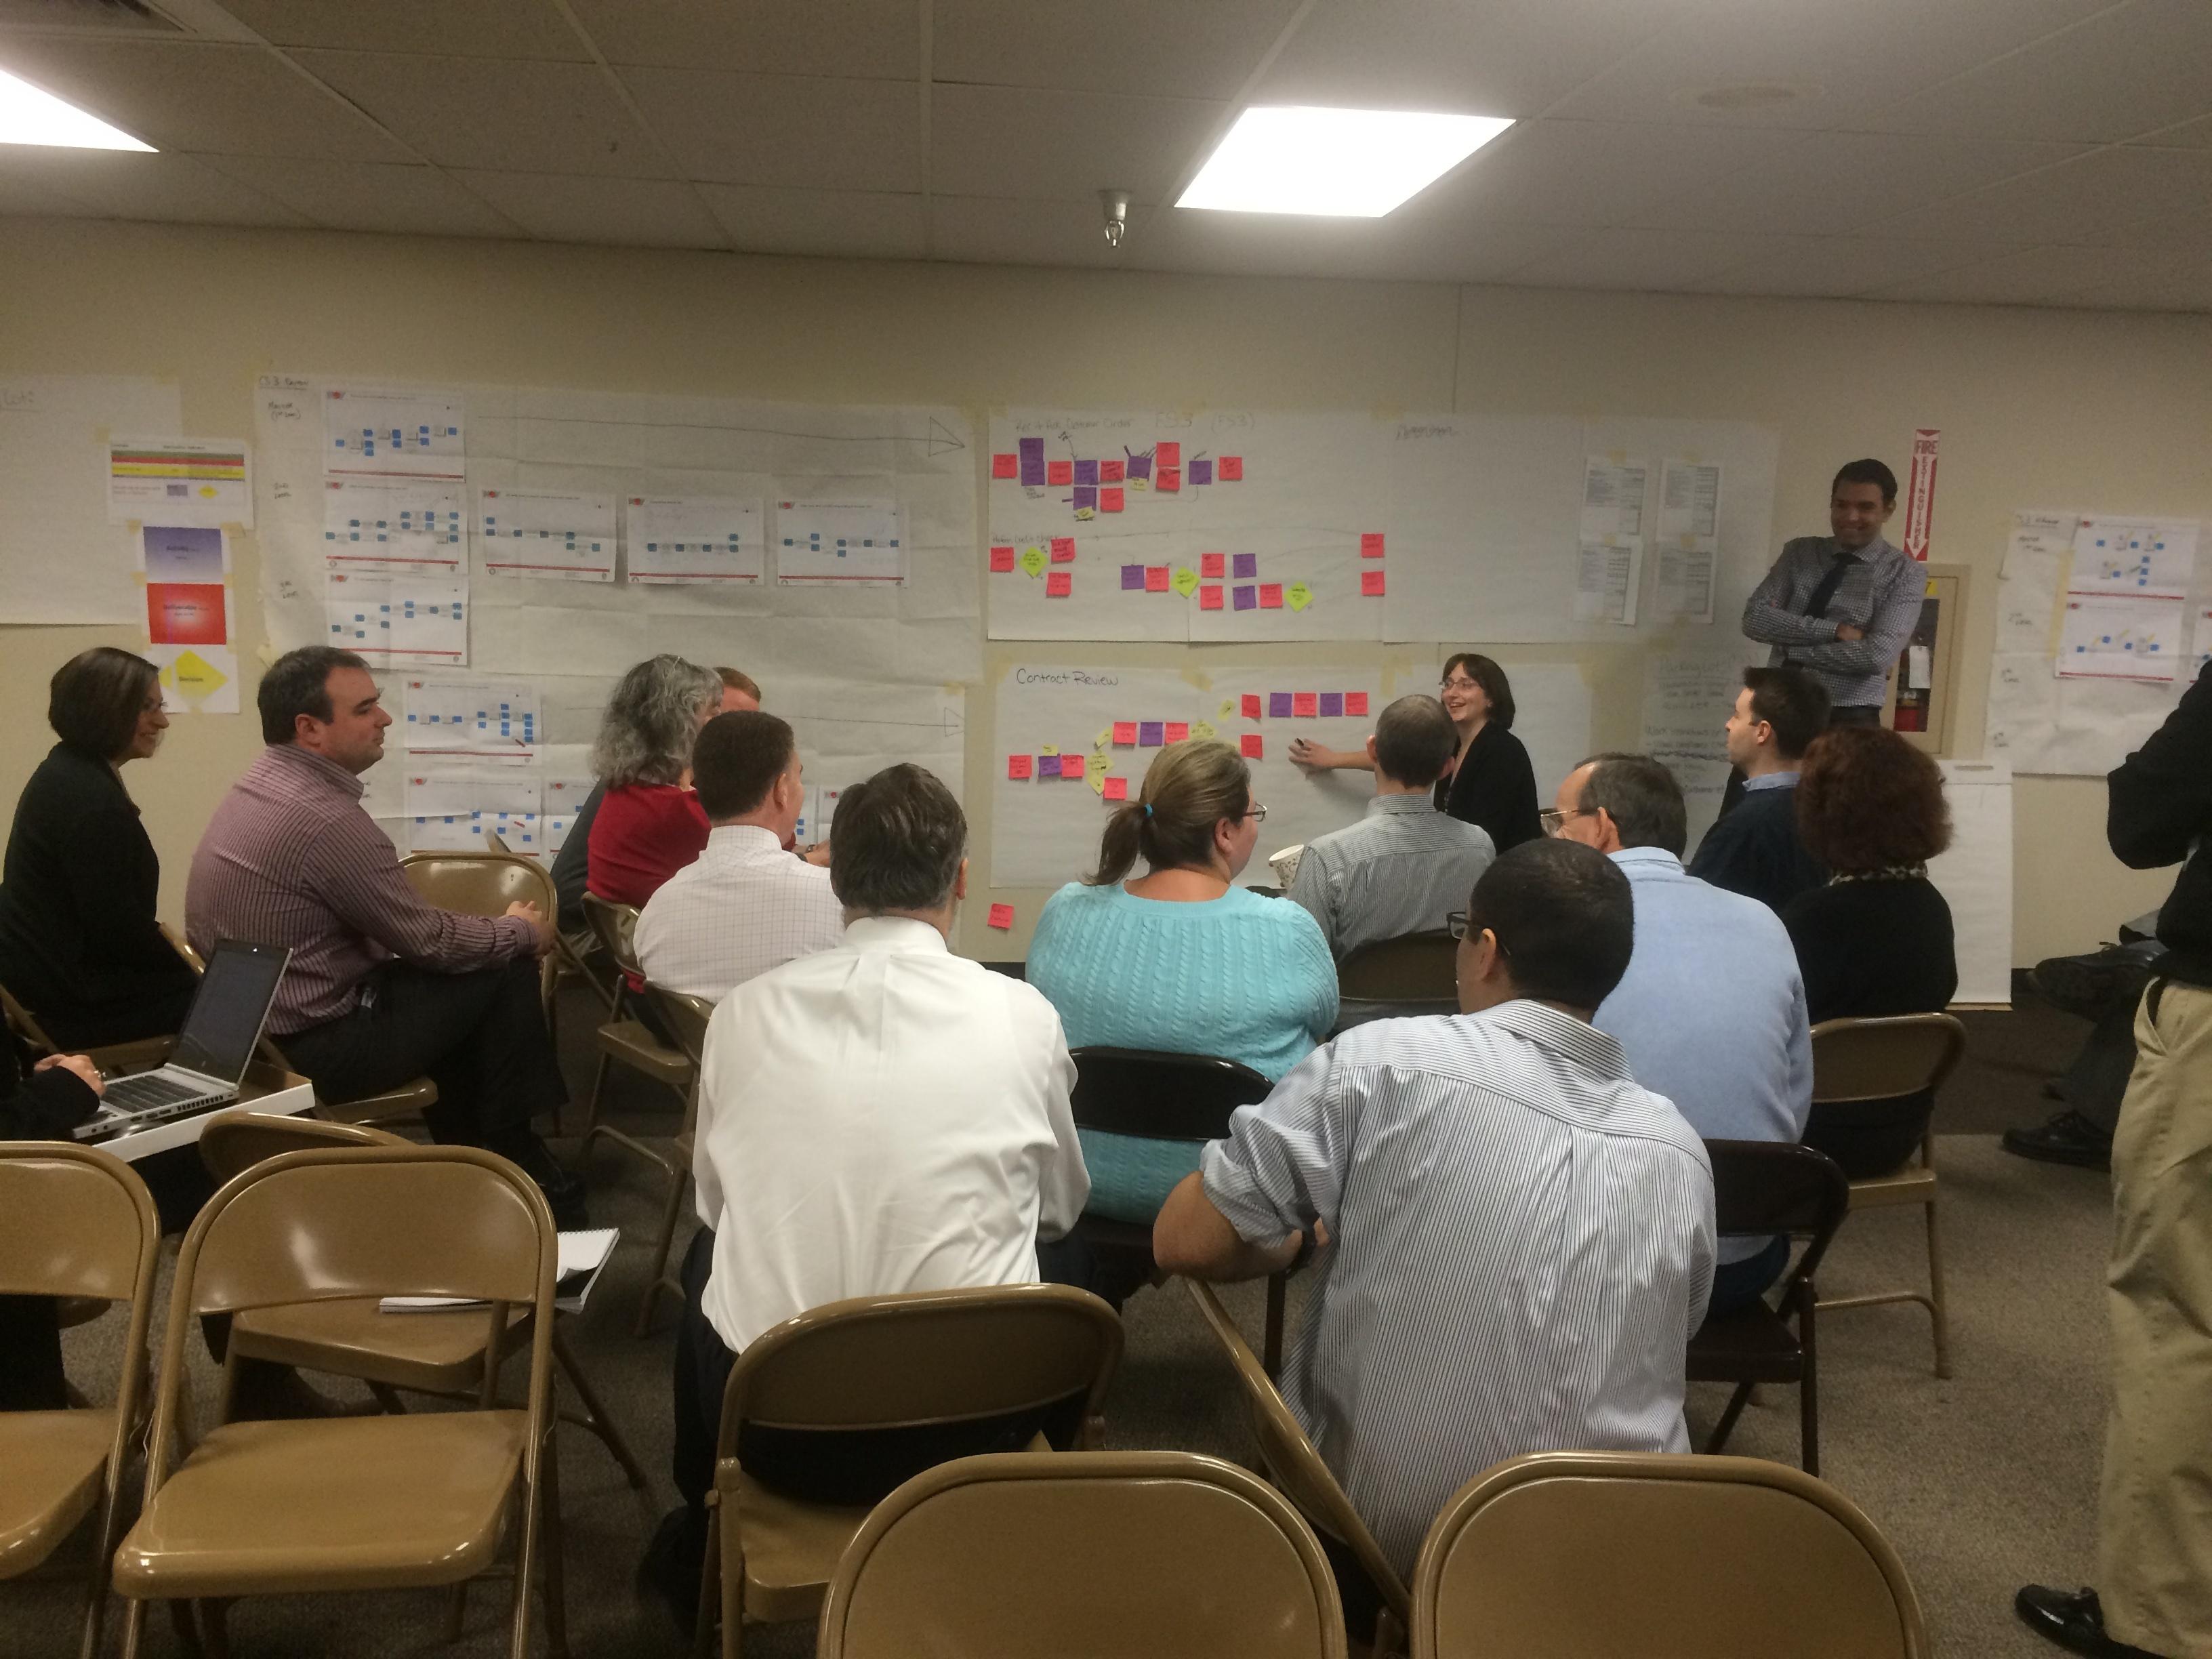 Facilitating process mapping